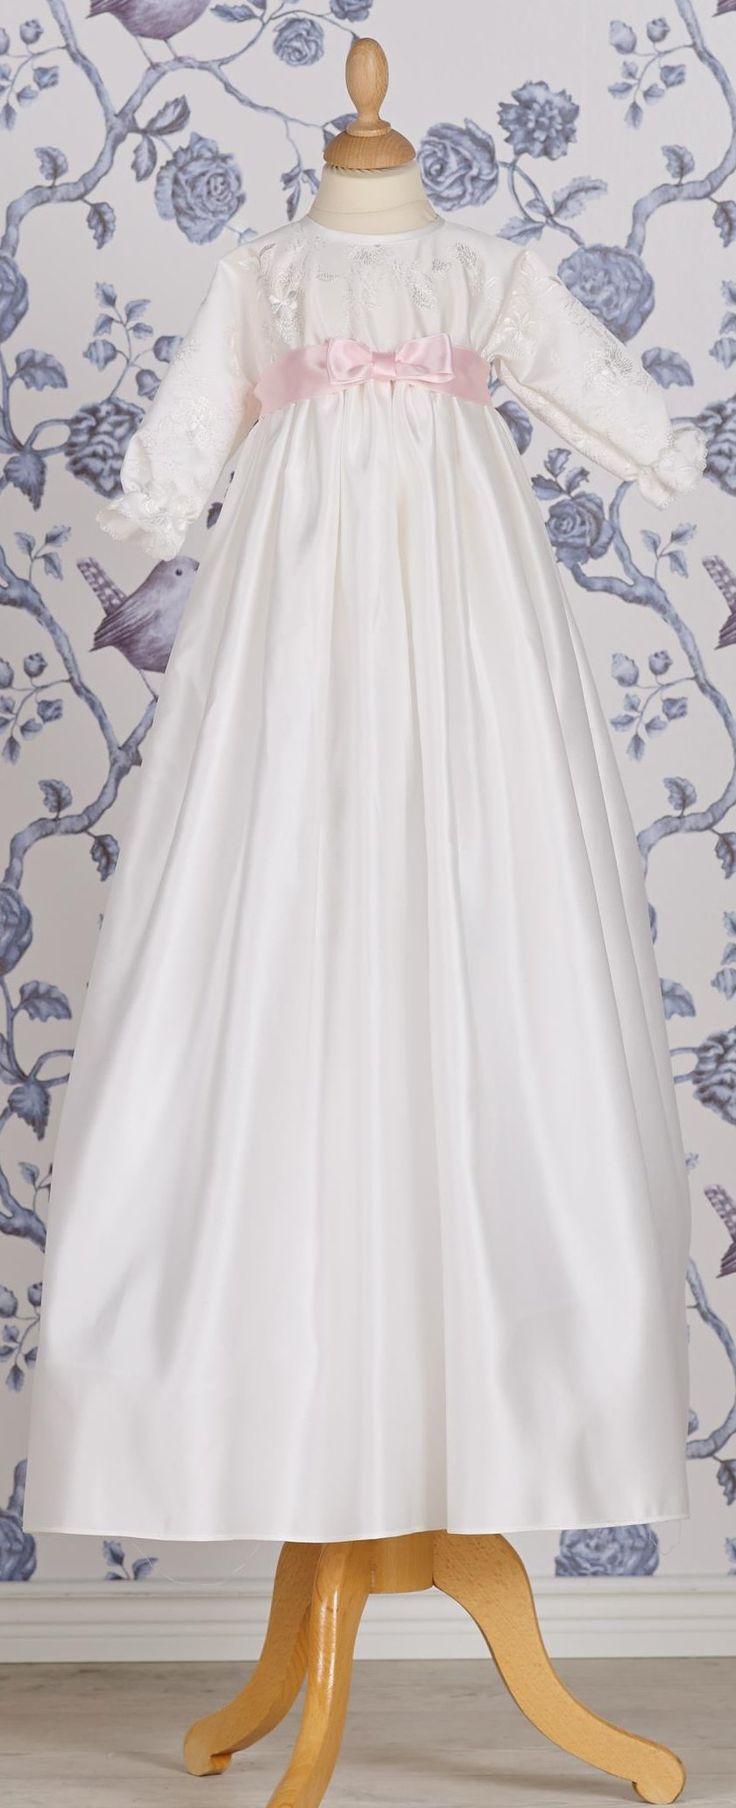 Nieuw in de collectie bij Corrie's bruidskindermode: de lange doopjurk. In diverse modellen in wit en ivoor. Met keuze uit verschillende kleuren satijnen lint. Doopkleding, doopjurk, dooppakje, dopeling. bruidskindermode.nl